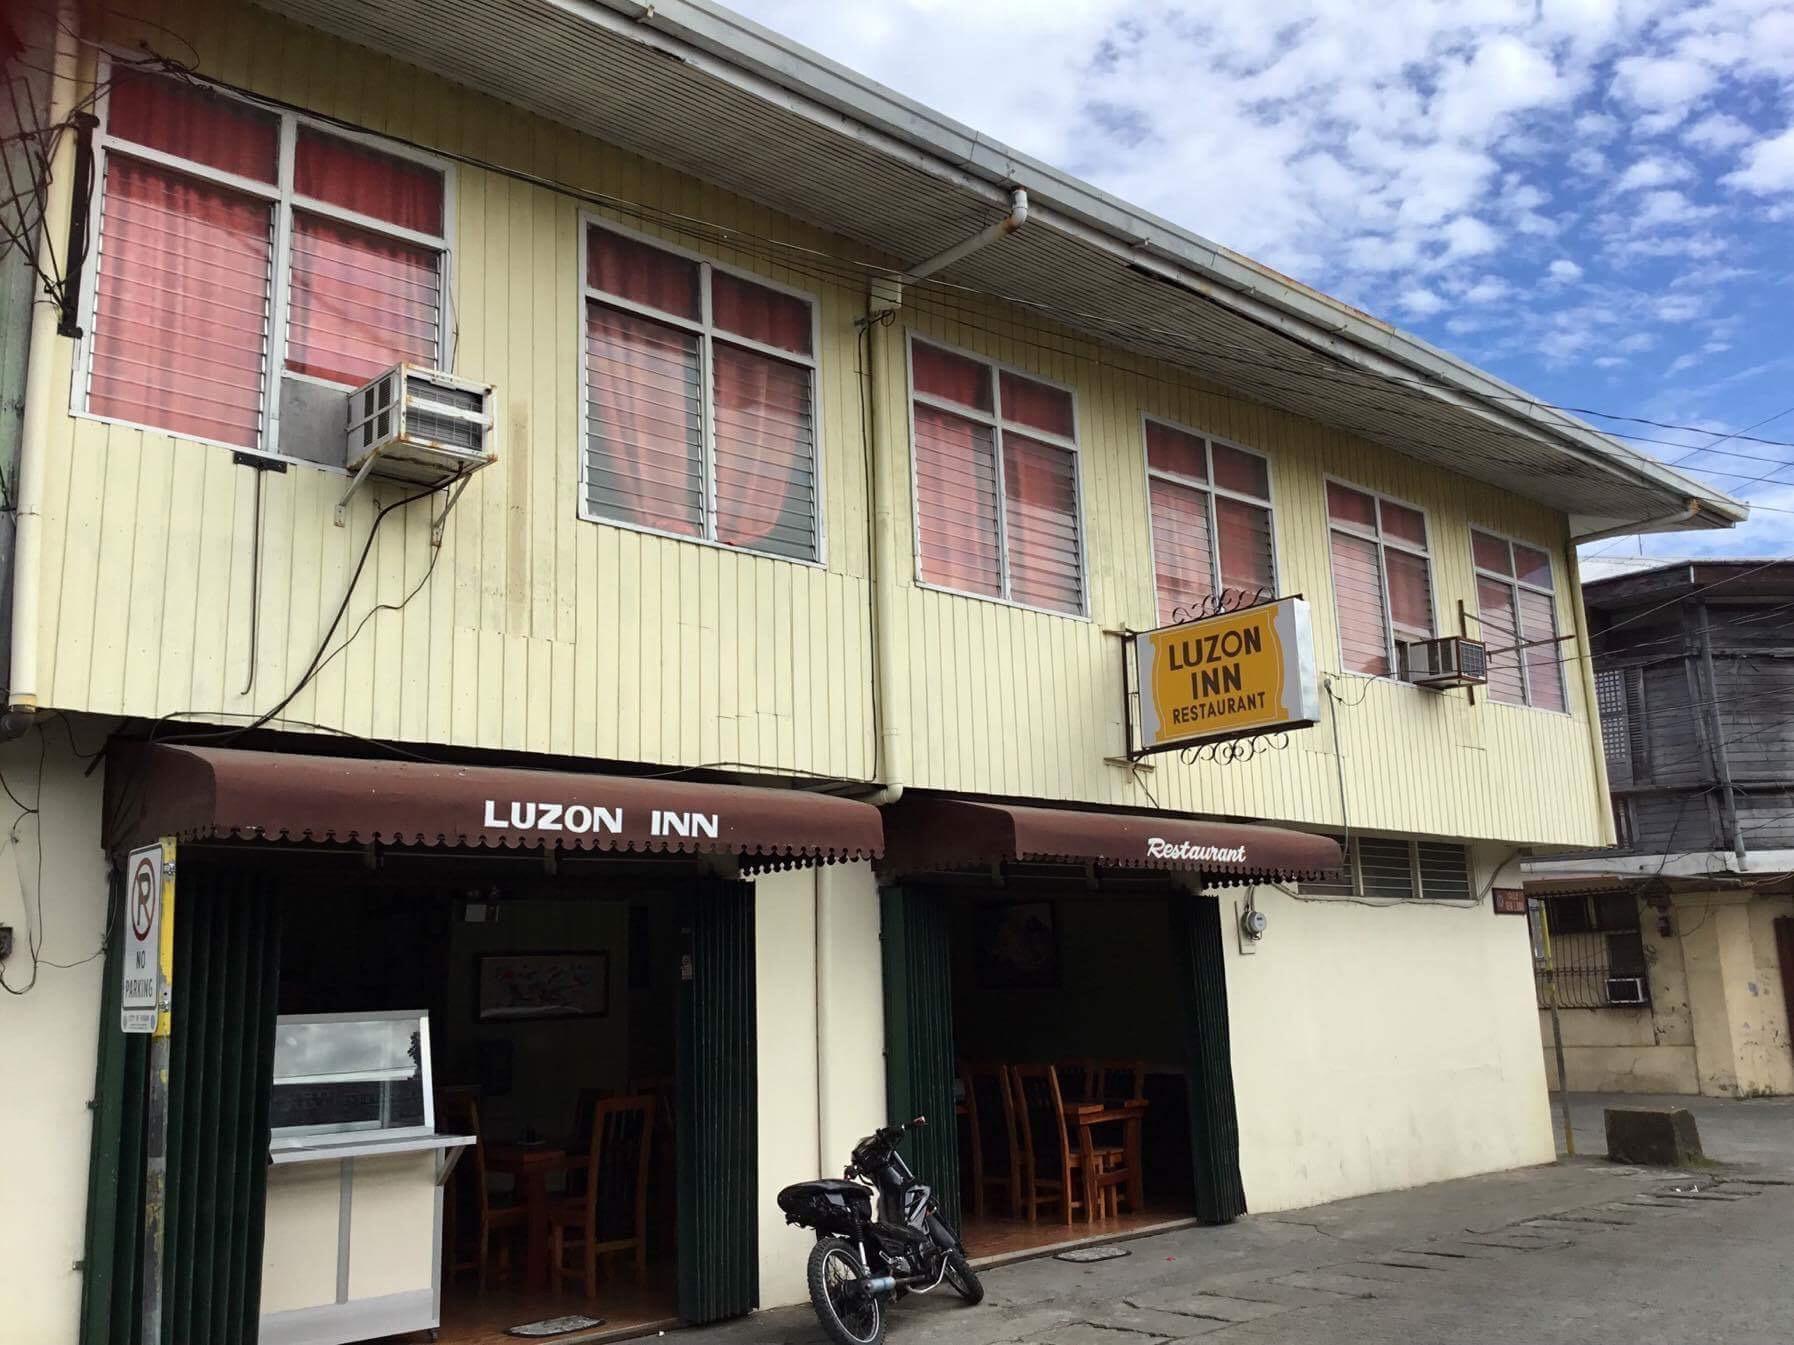 Luzon Inn And Restaurant